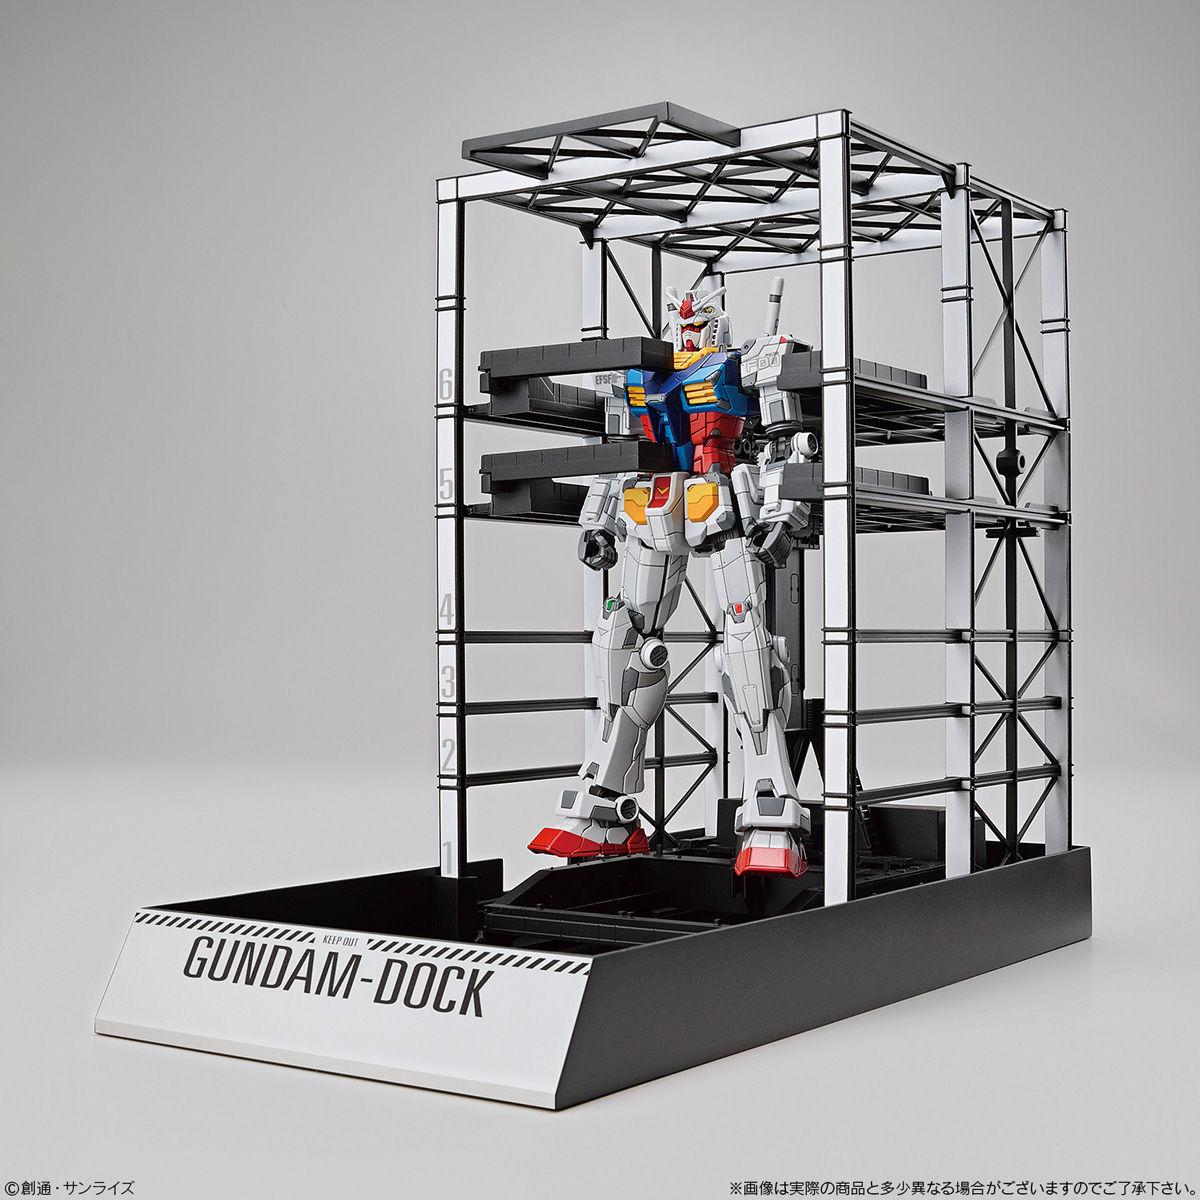 【再販】GUNDAM FACTORY YOKOHAMA『RX-78F00 ガンダム&ガンダムドック』1/144 プラモデル-004